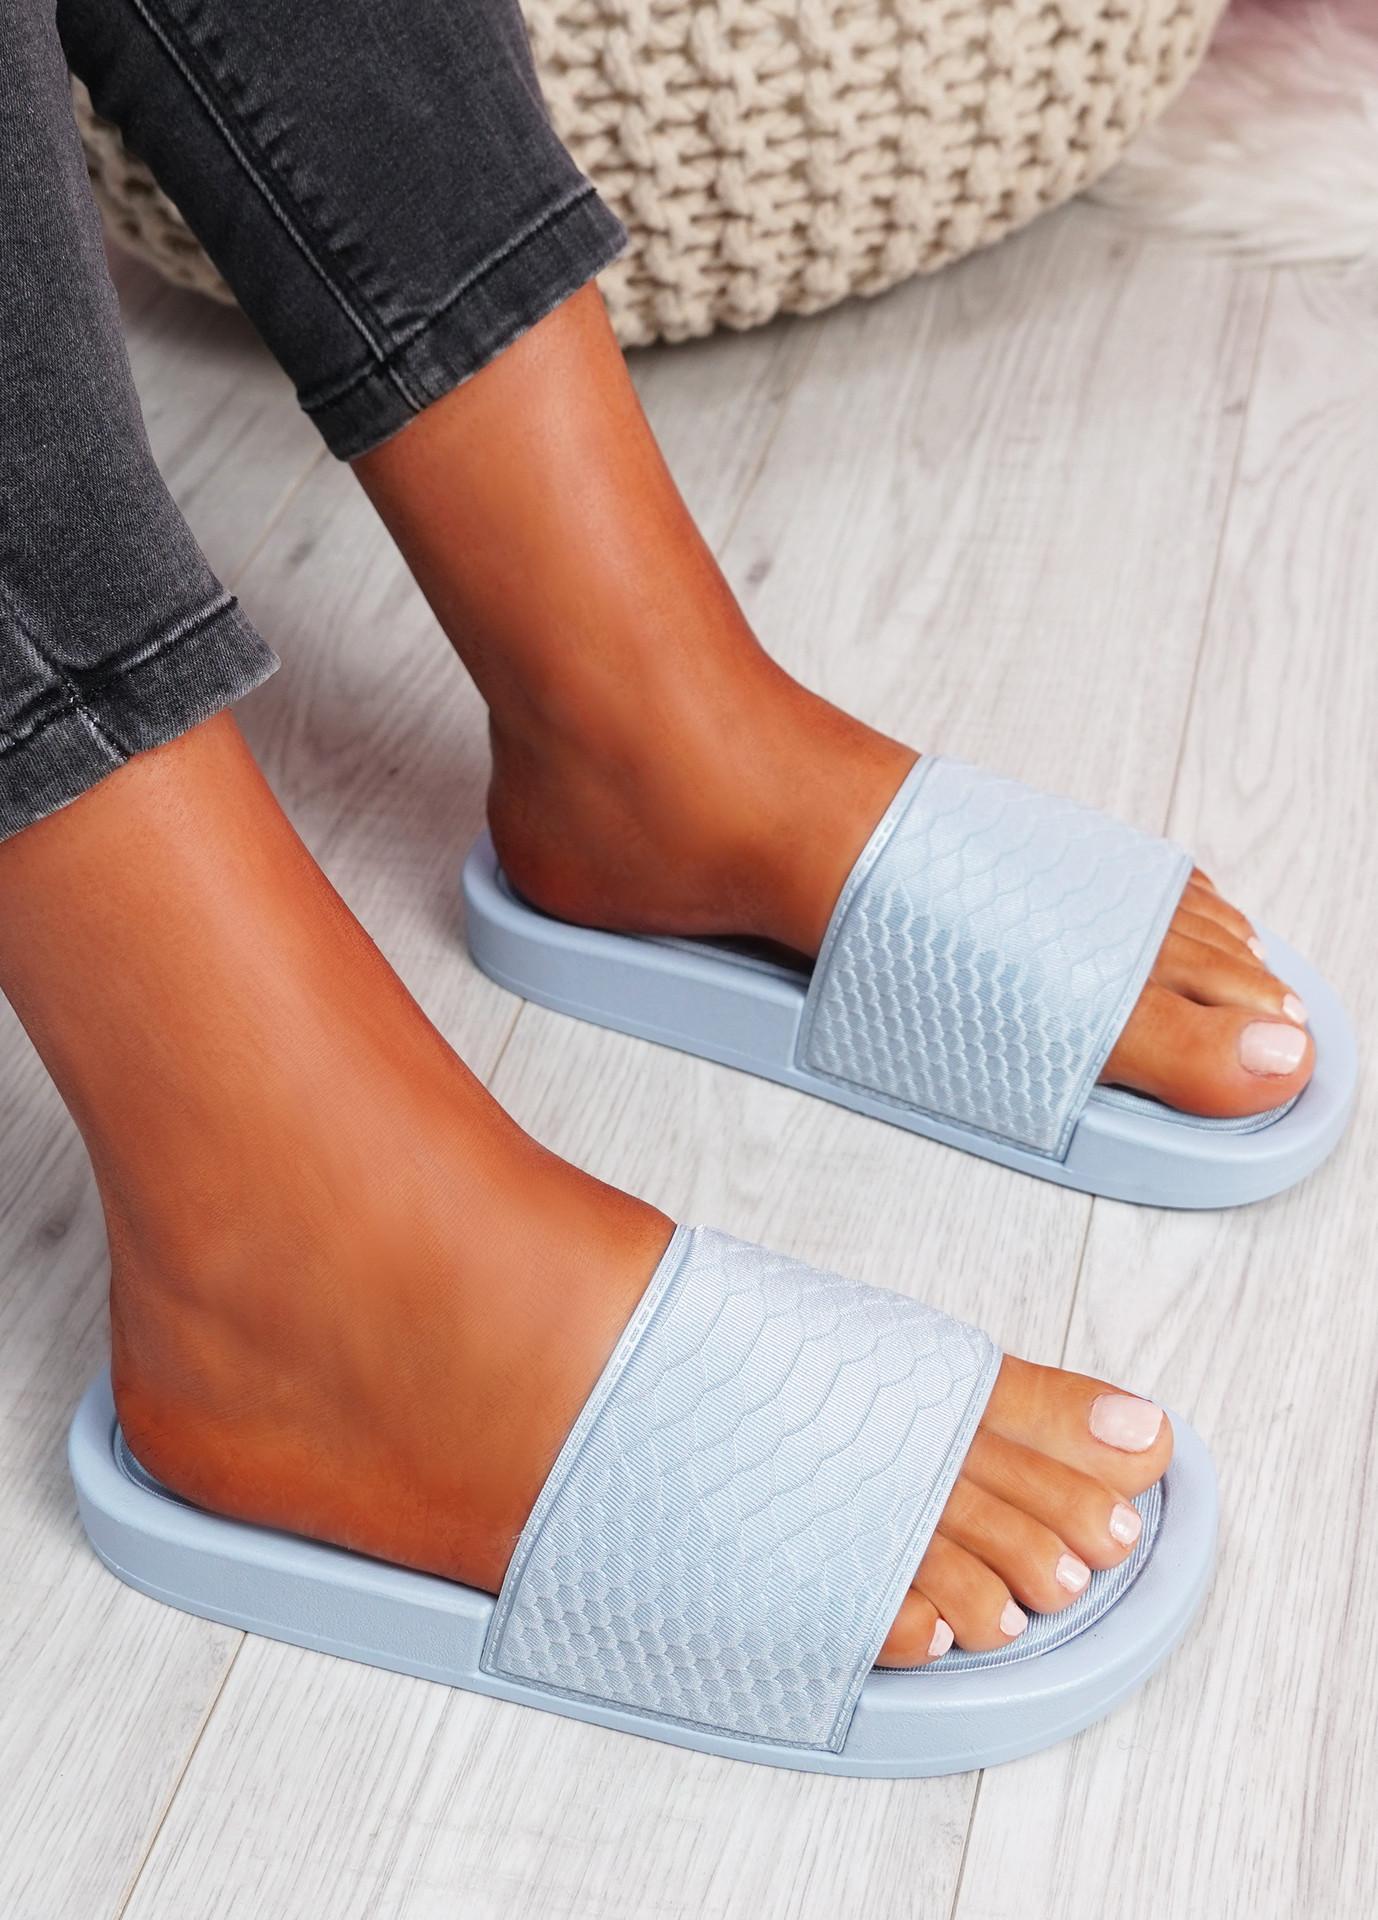 Soha Blue Flat Sandals Sliders